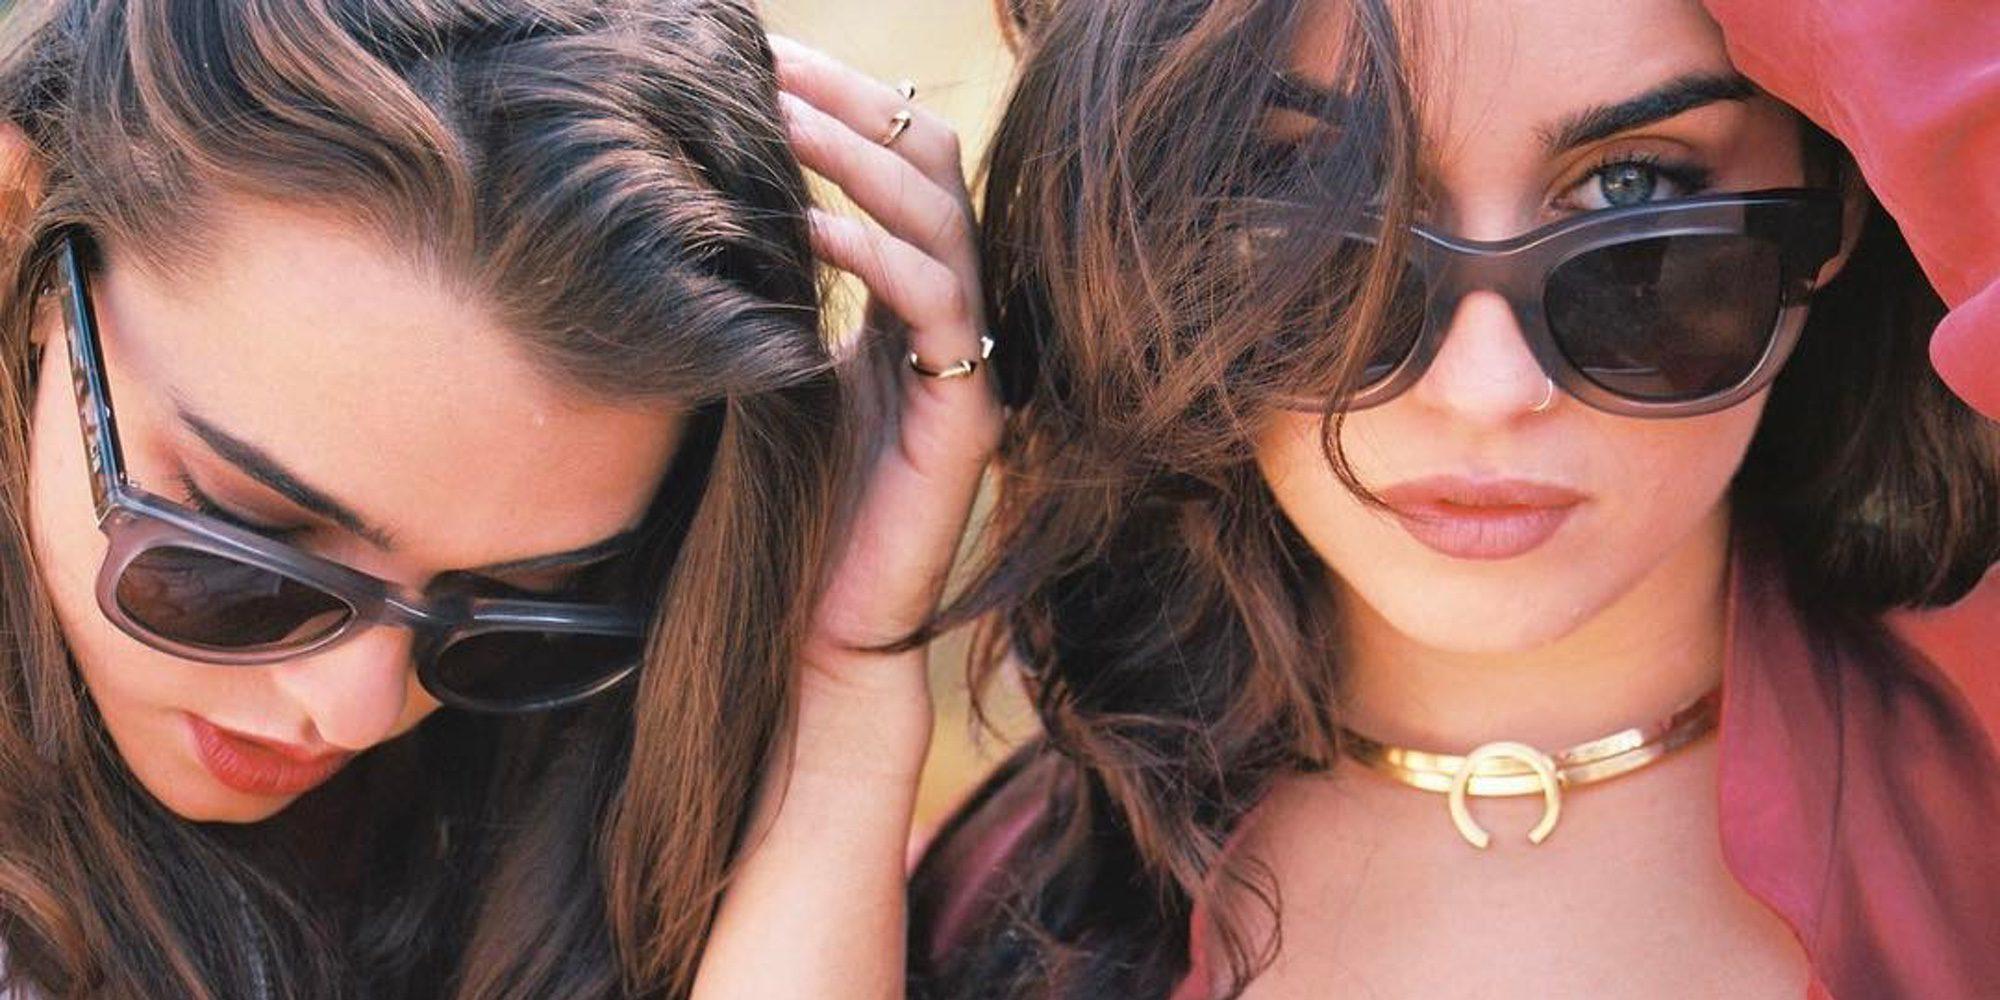 Lucy Vives, hija de Carlos Vives, confirma su noviazgo con Lauren Jauregui